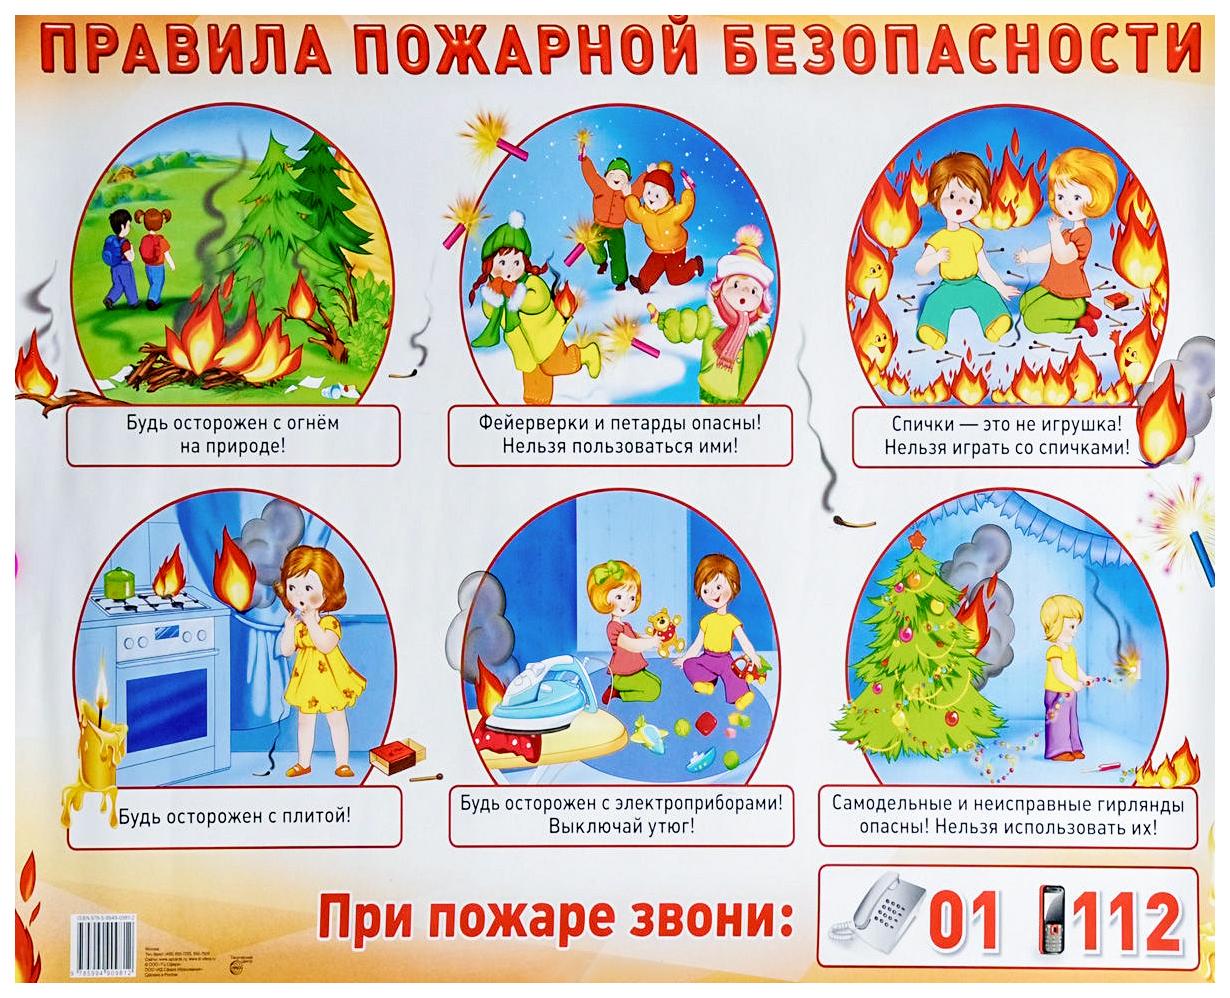 Купить Демонстрационный плакат правила пожарной Безопасности А2, Сфера, Подготовка к школе